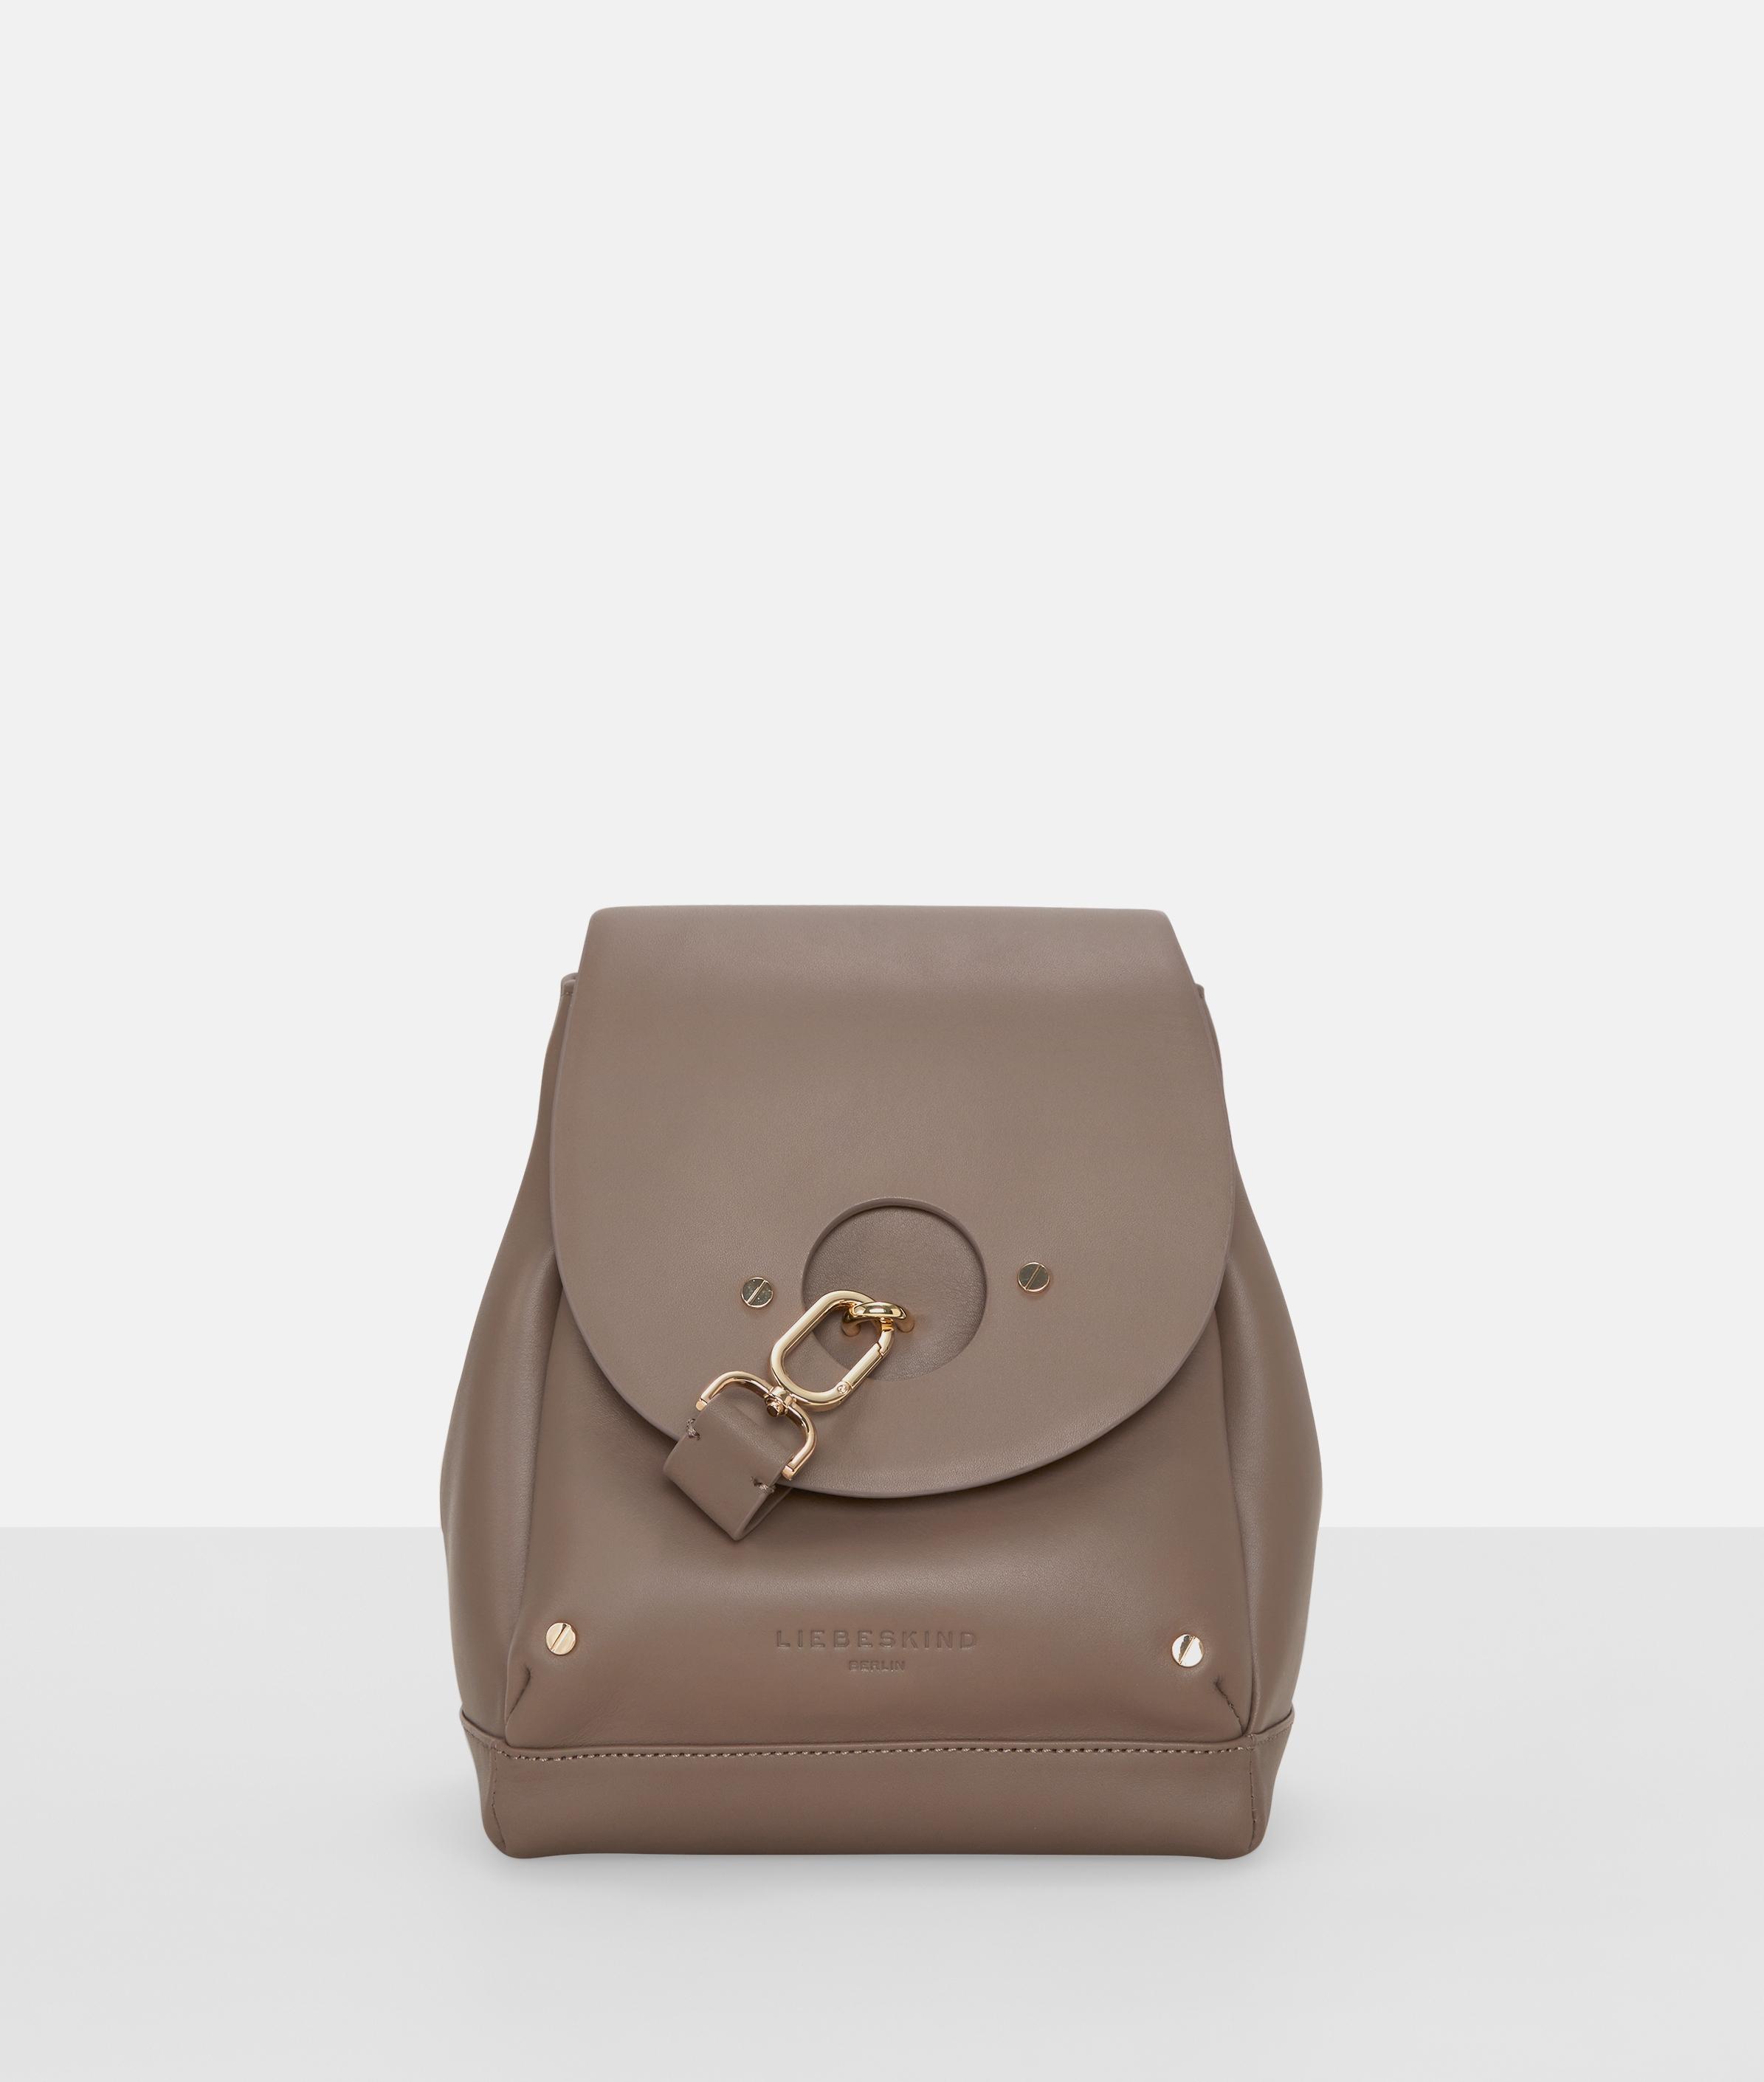 Berlin Tasche Round Flap Bucket Bag M, Grau/Schwarz